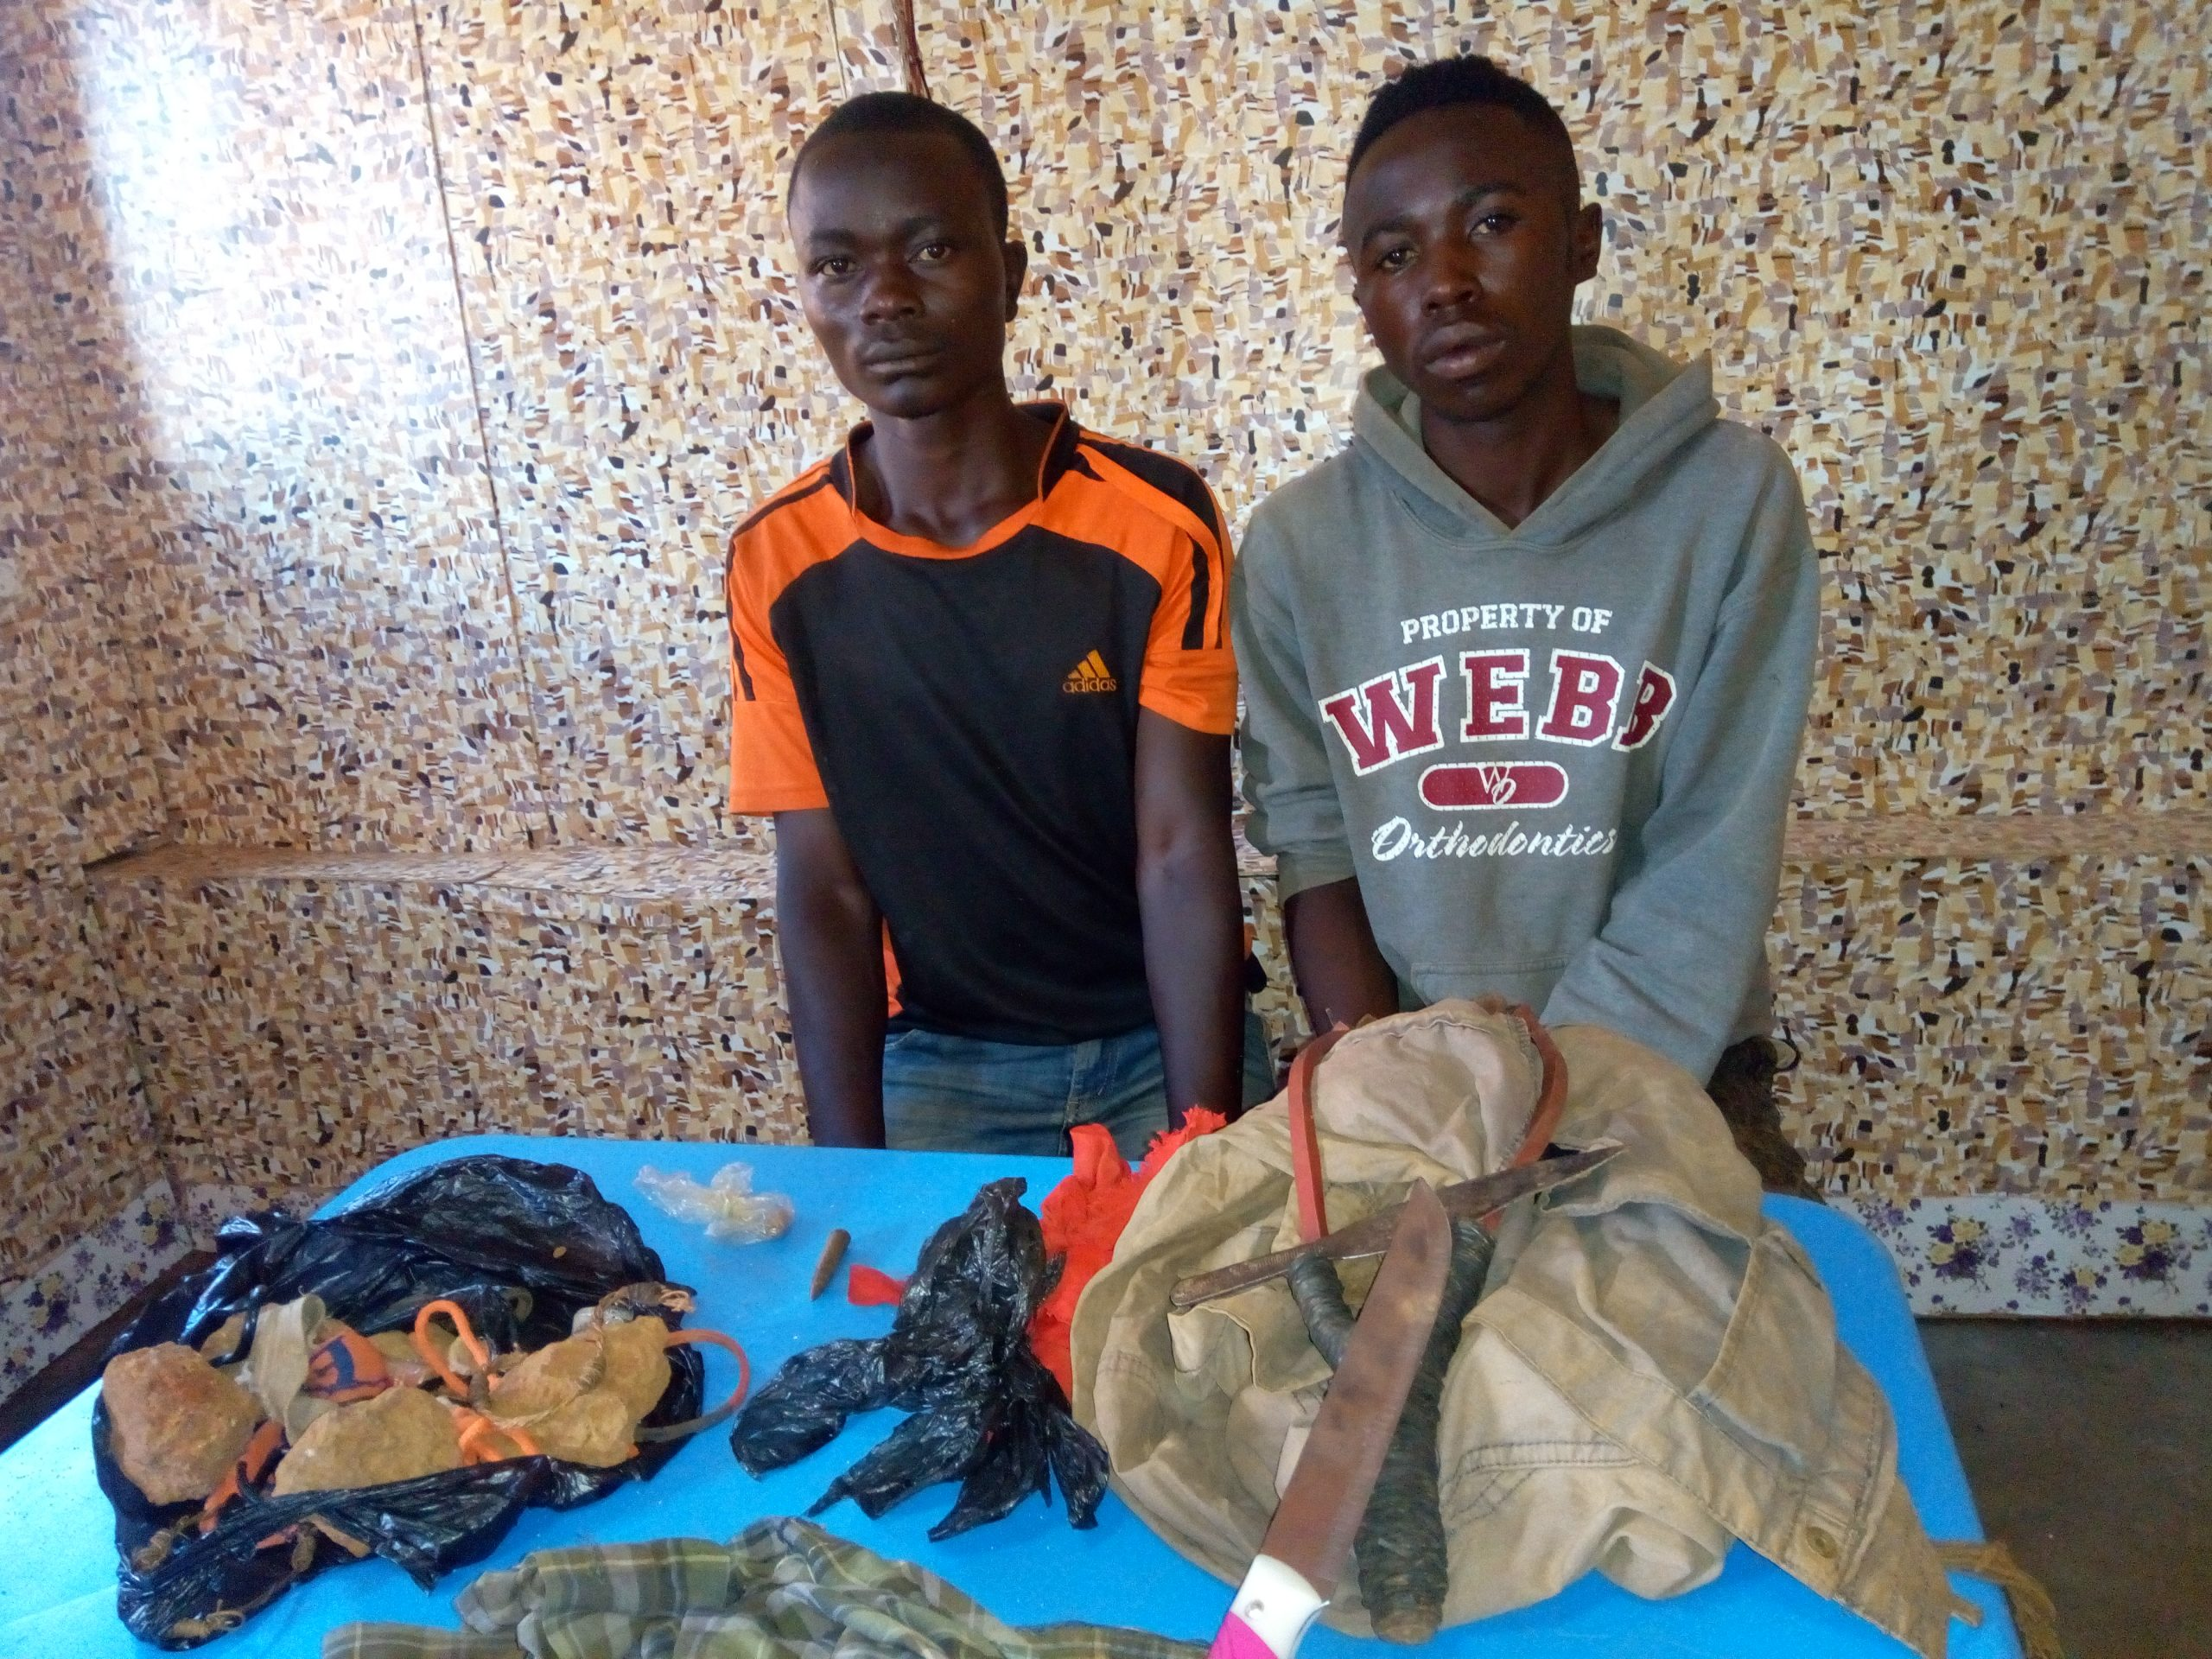 Butembo : Deux présumés miliciens, qui se réclament de la Véranda Mutsnga, arrêtés par les services de sécurité